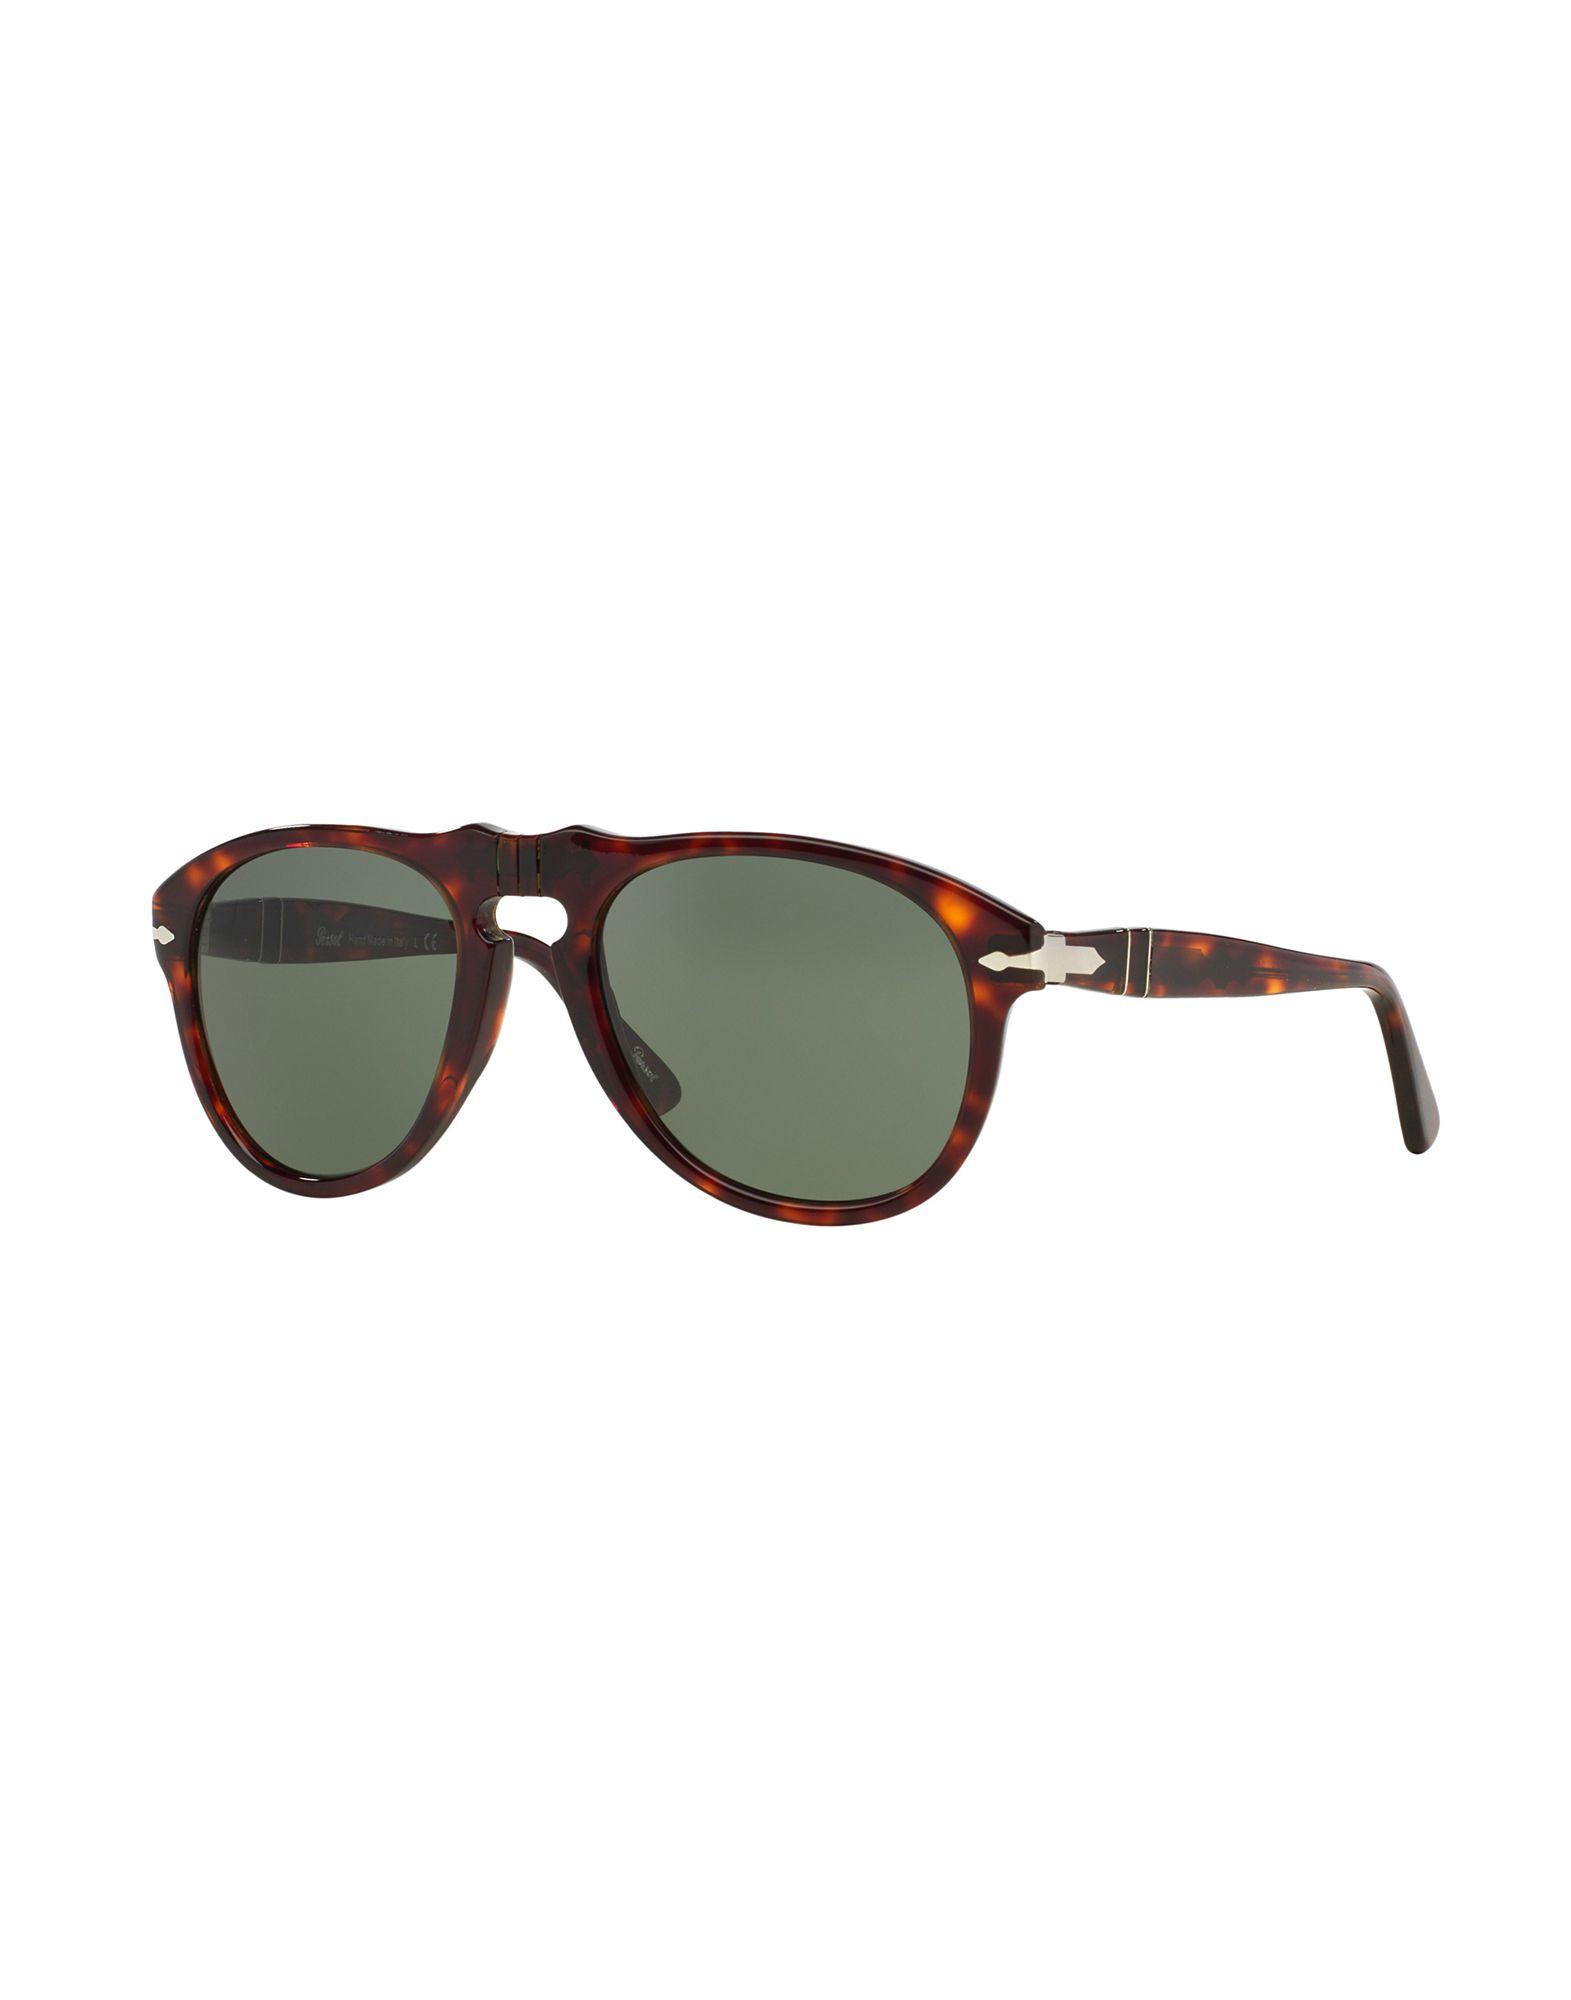 683c8e191e Persol Po0649 - Sunglasses - Men Persol Sunglasses online on YOOX ...